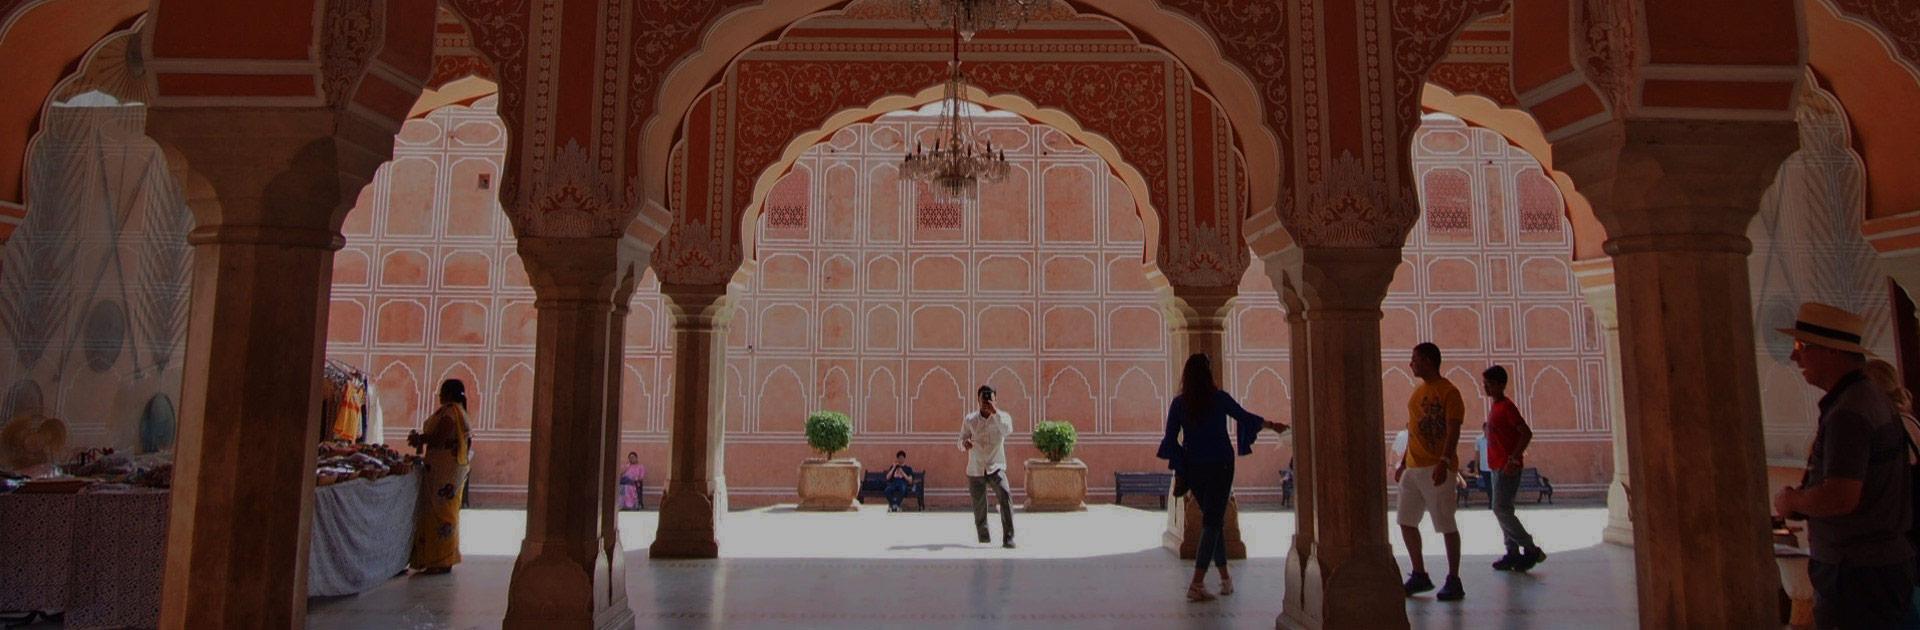 IN India sueña con palacios 15 días 4